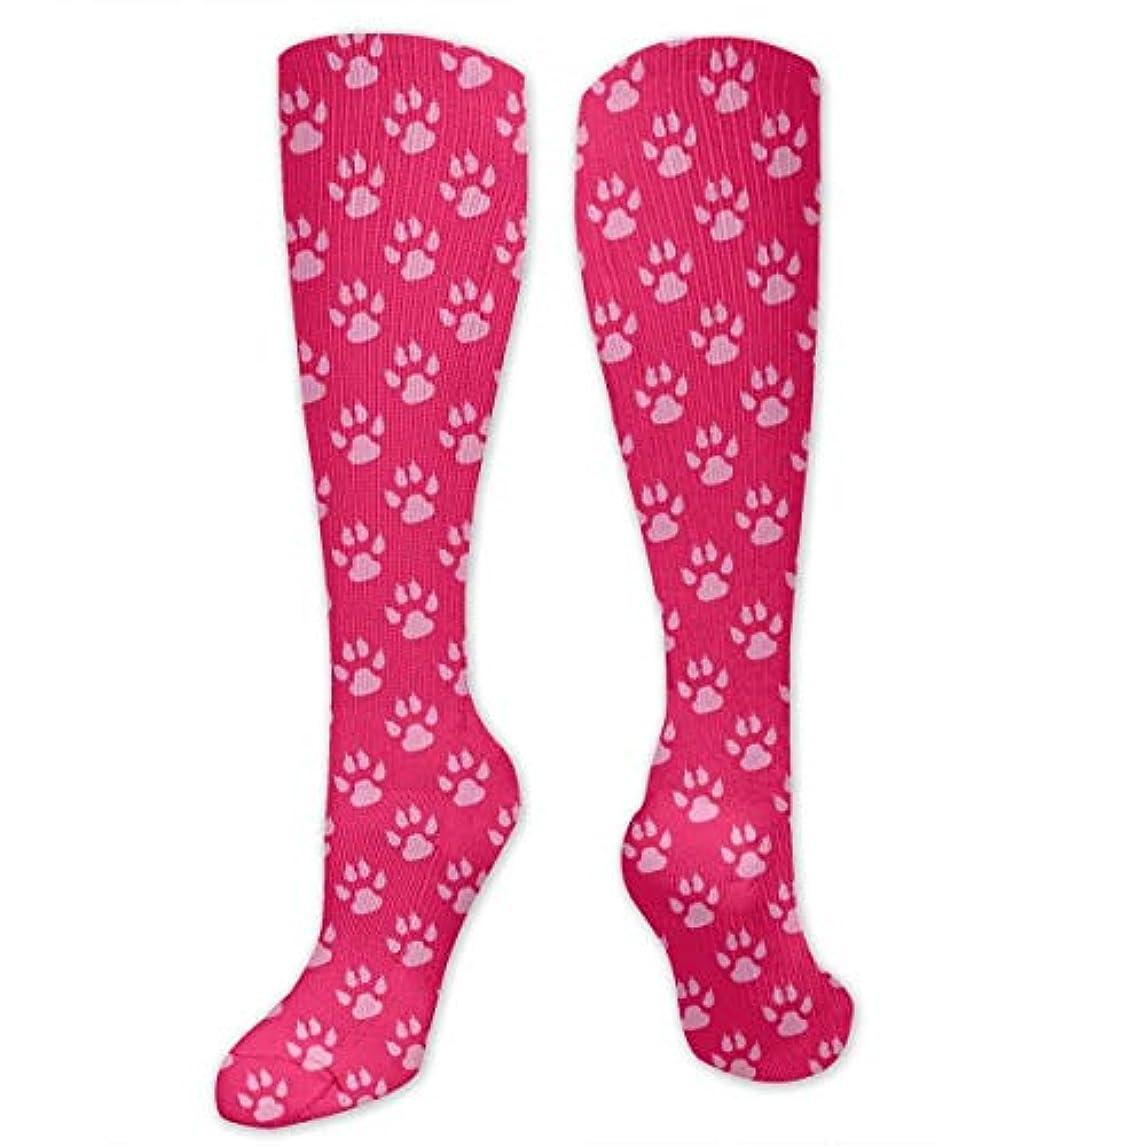 ジョガーなぞらえるむちゃくちゃQRRIYドッグ足フットプリントピンク- 3 D抗菌アスレチックソックス圧縮靴下クルーソックスロングスポーツ膝ハイソックス少年少女キッズ幼児用